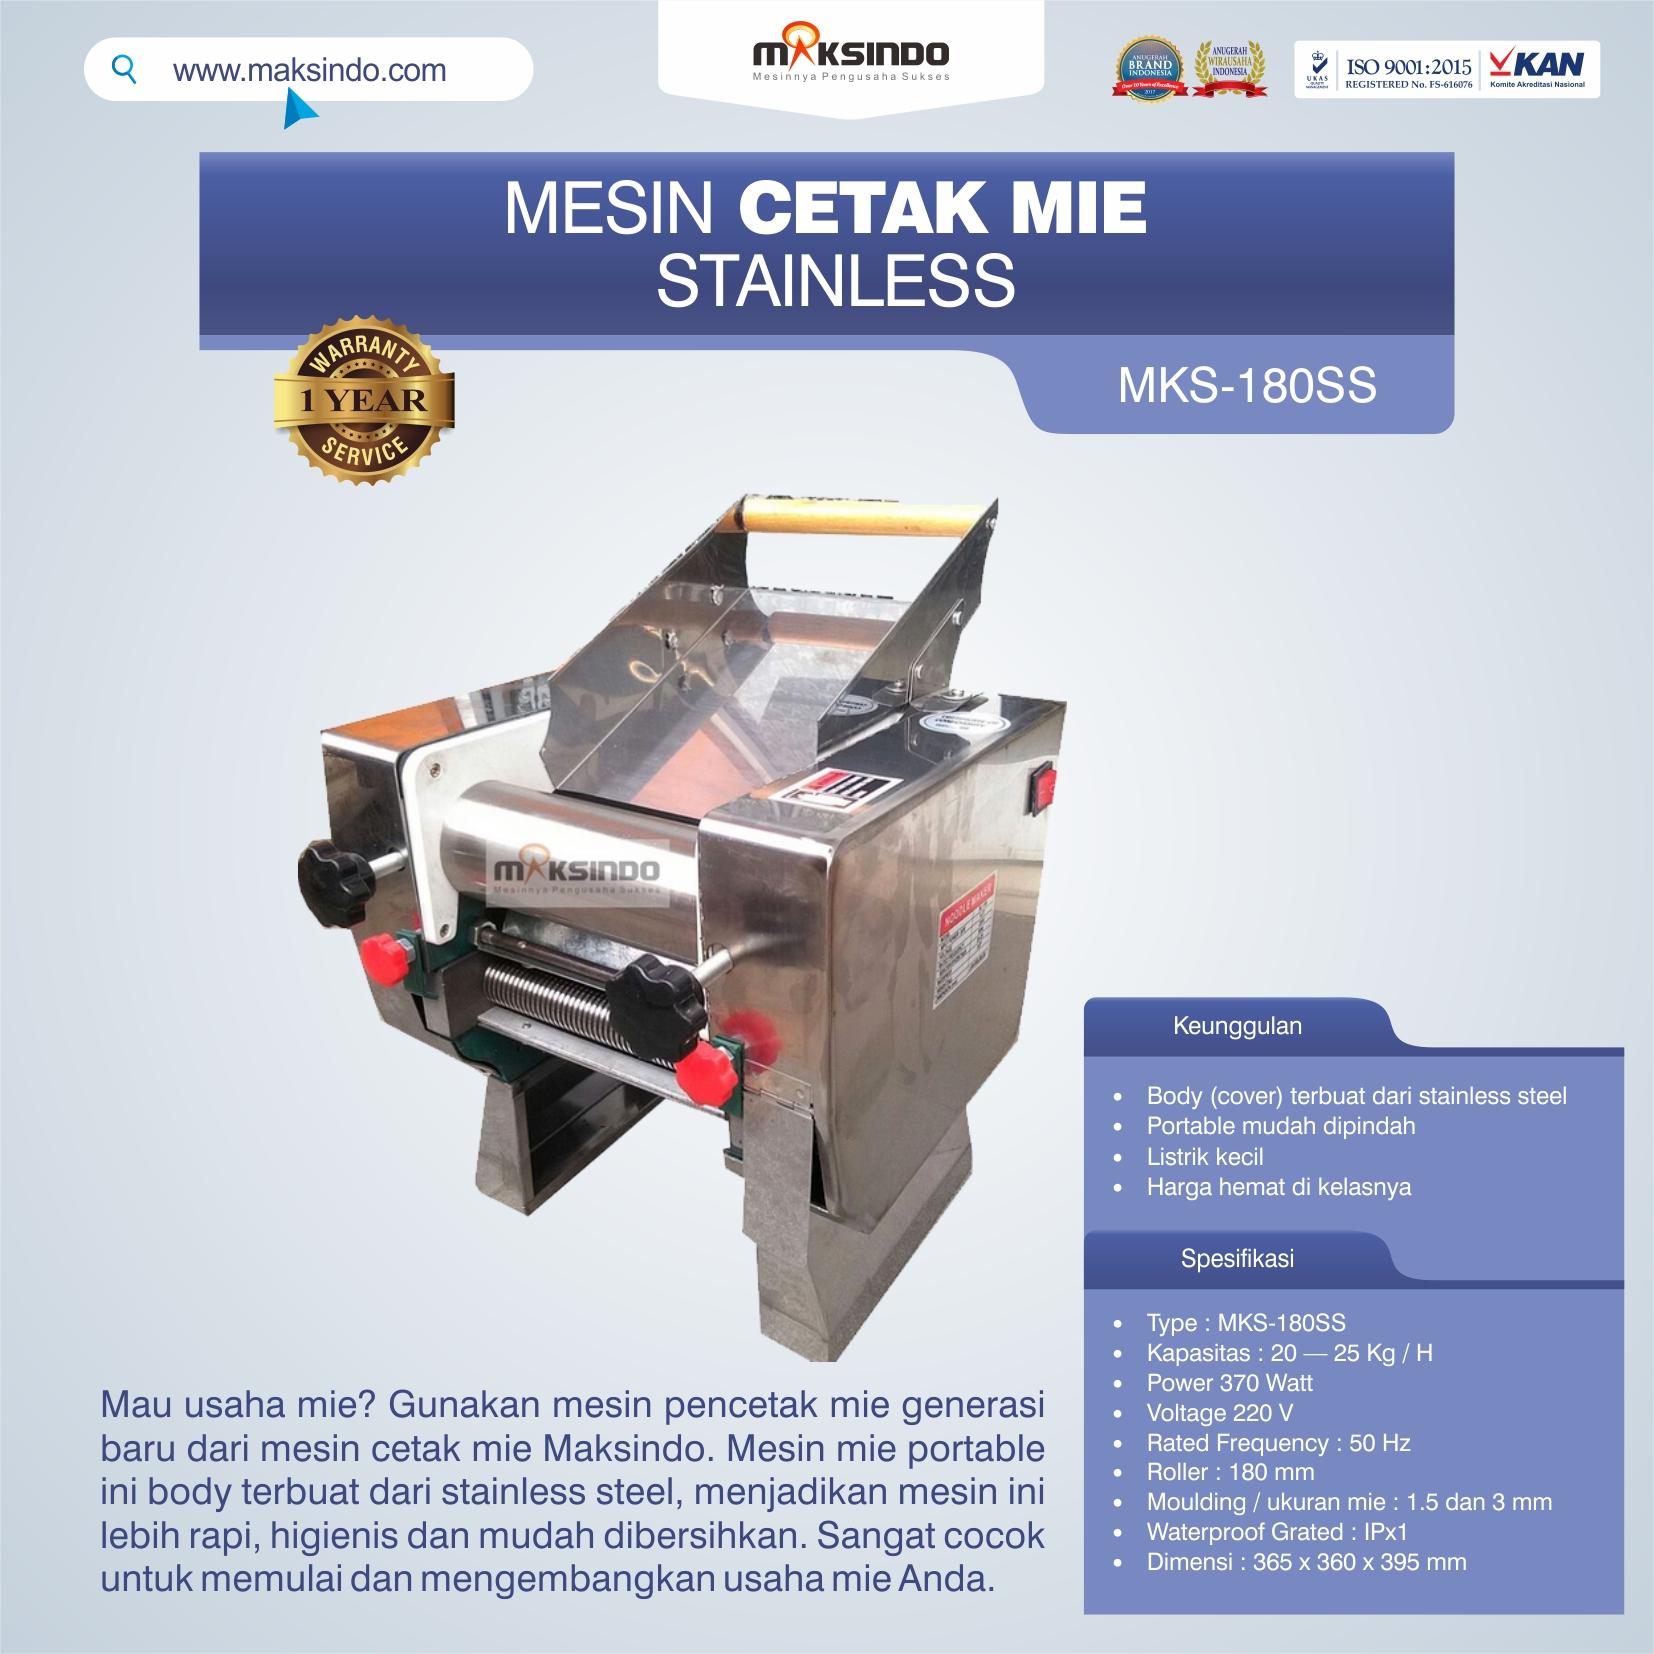 Jual Mesin Cetak Mie Stainless (MKS-180SS) di Bandung